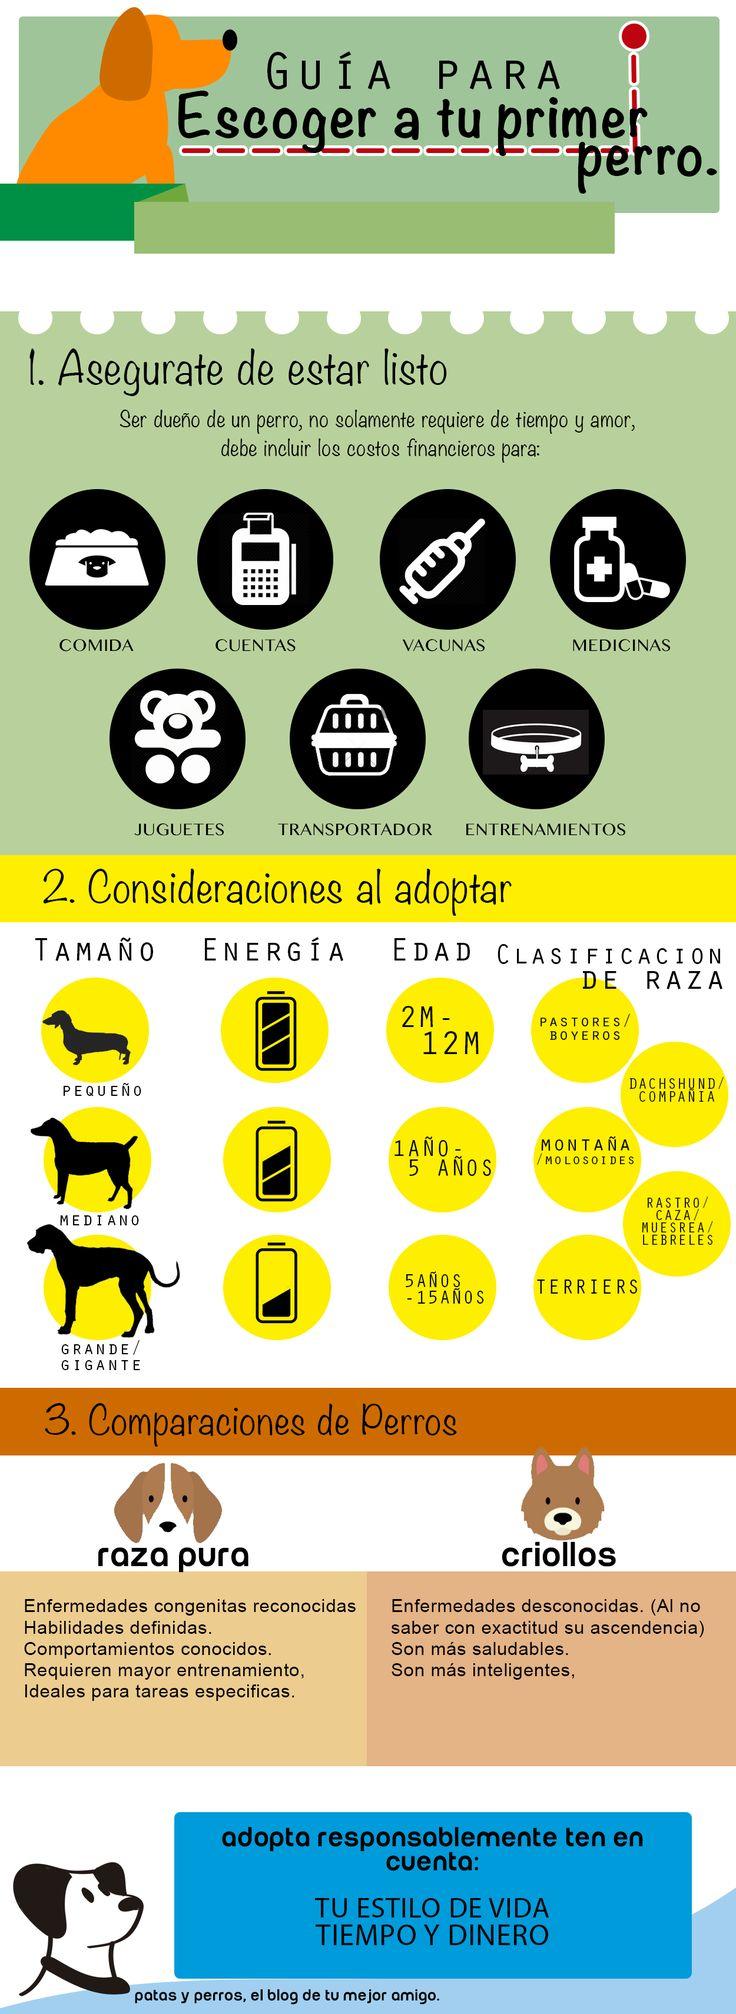 Adoptar perros, infografía